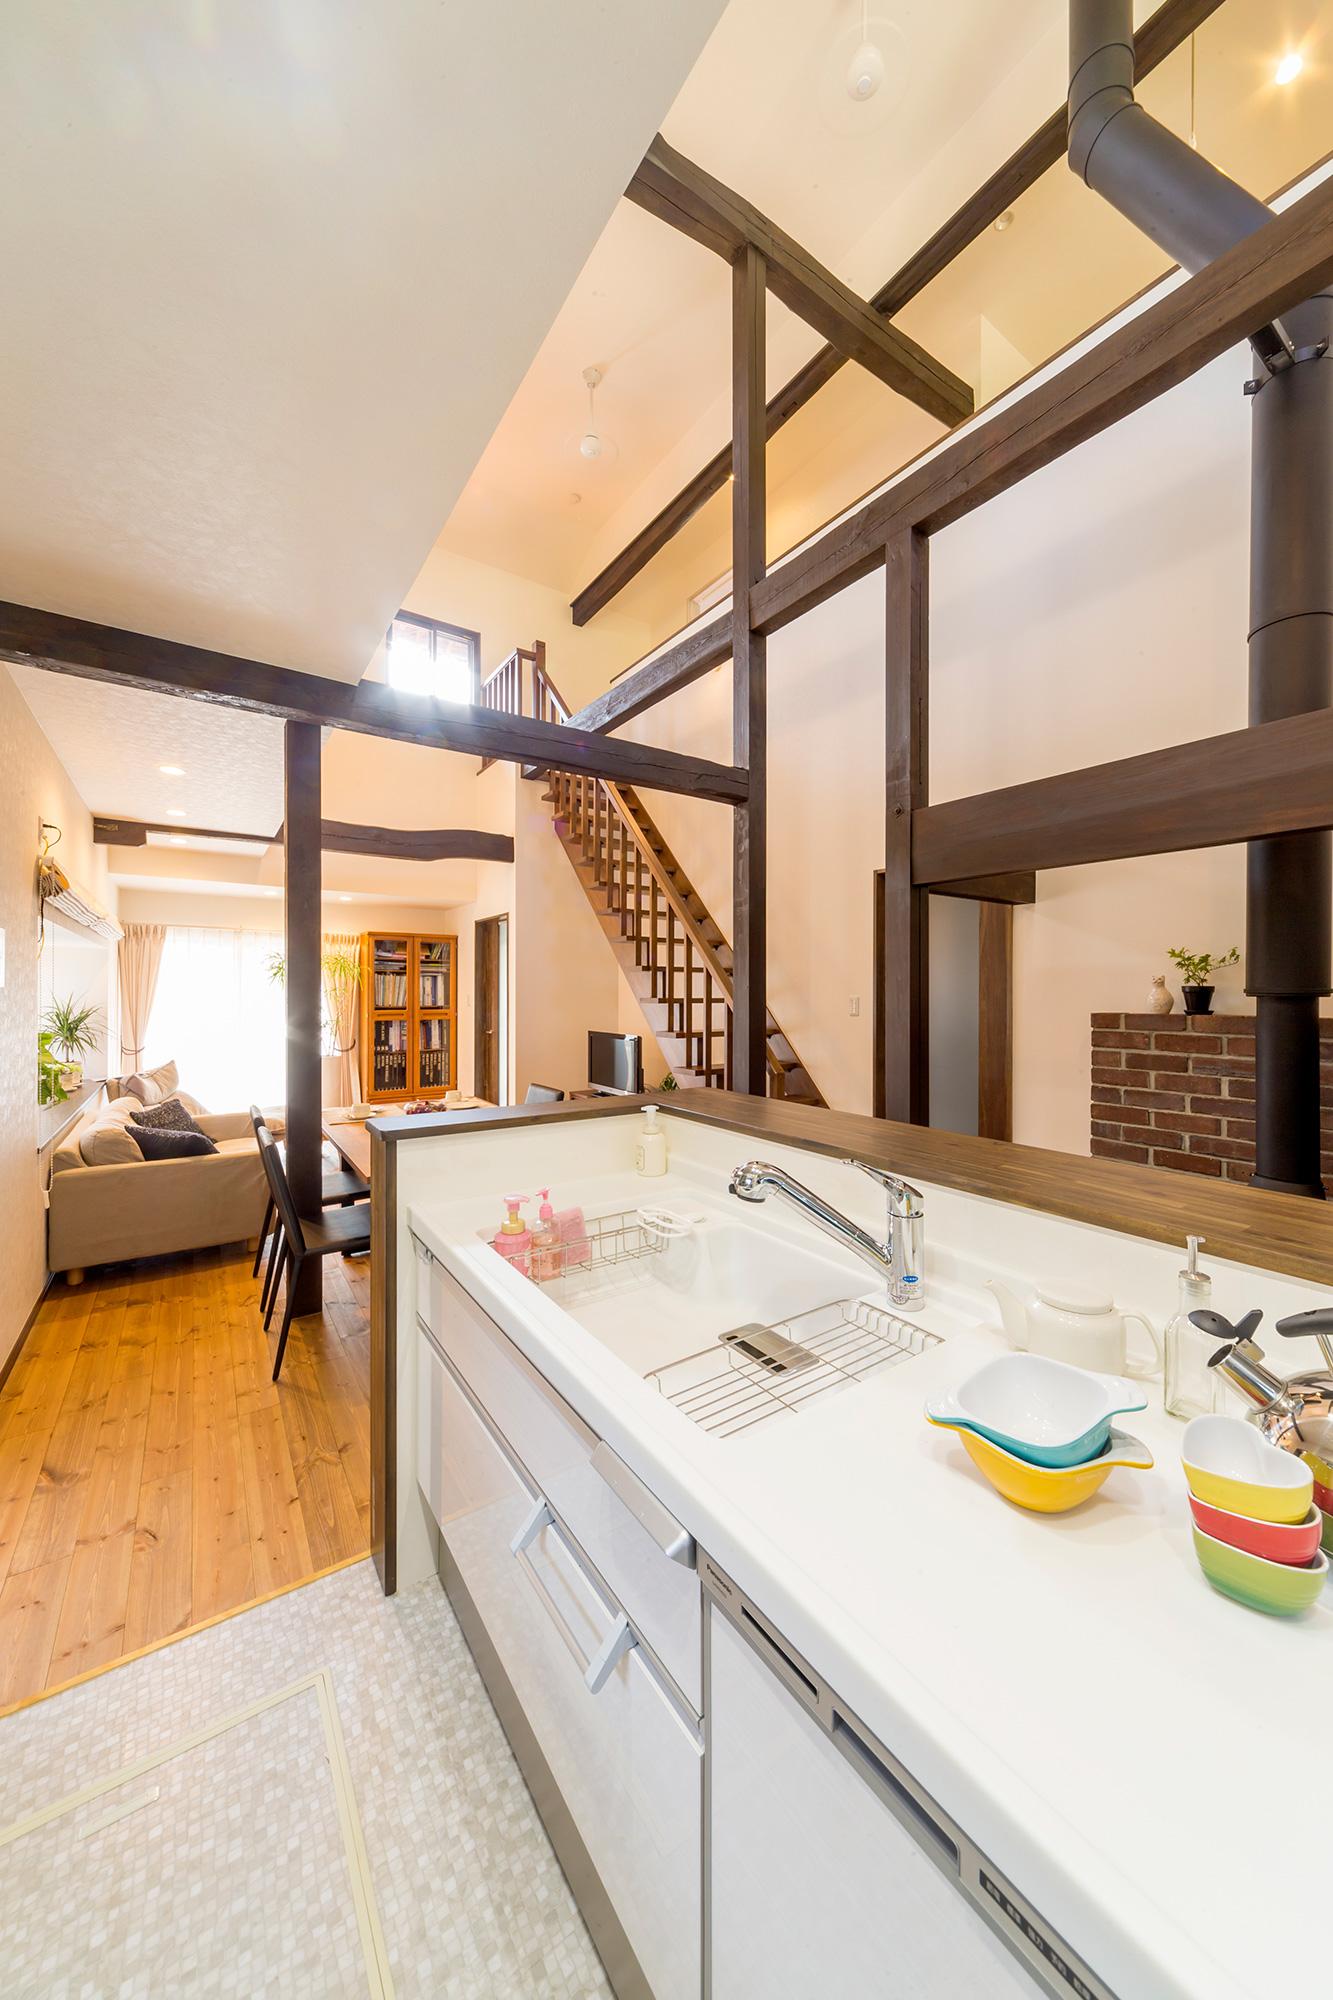 以前は土間で壁向きタイプだったキッチンは、LDKとのつながりを感じる対面式へ。